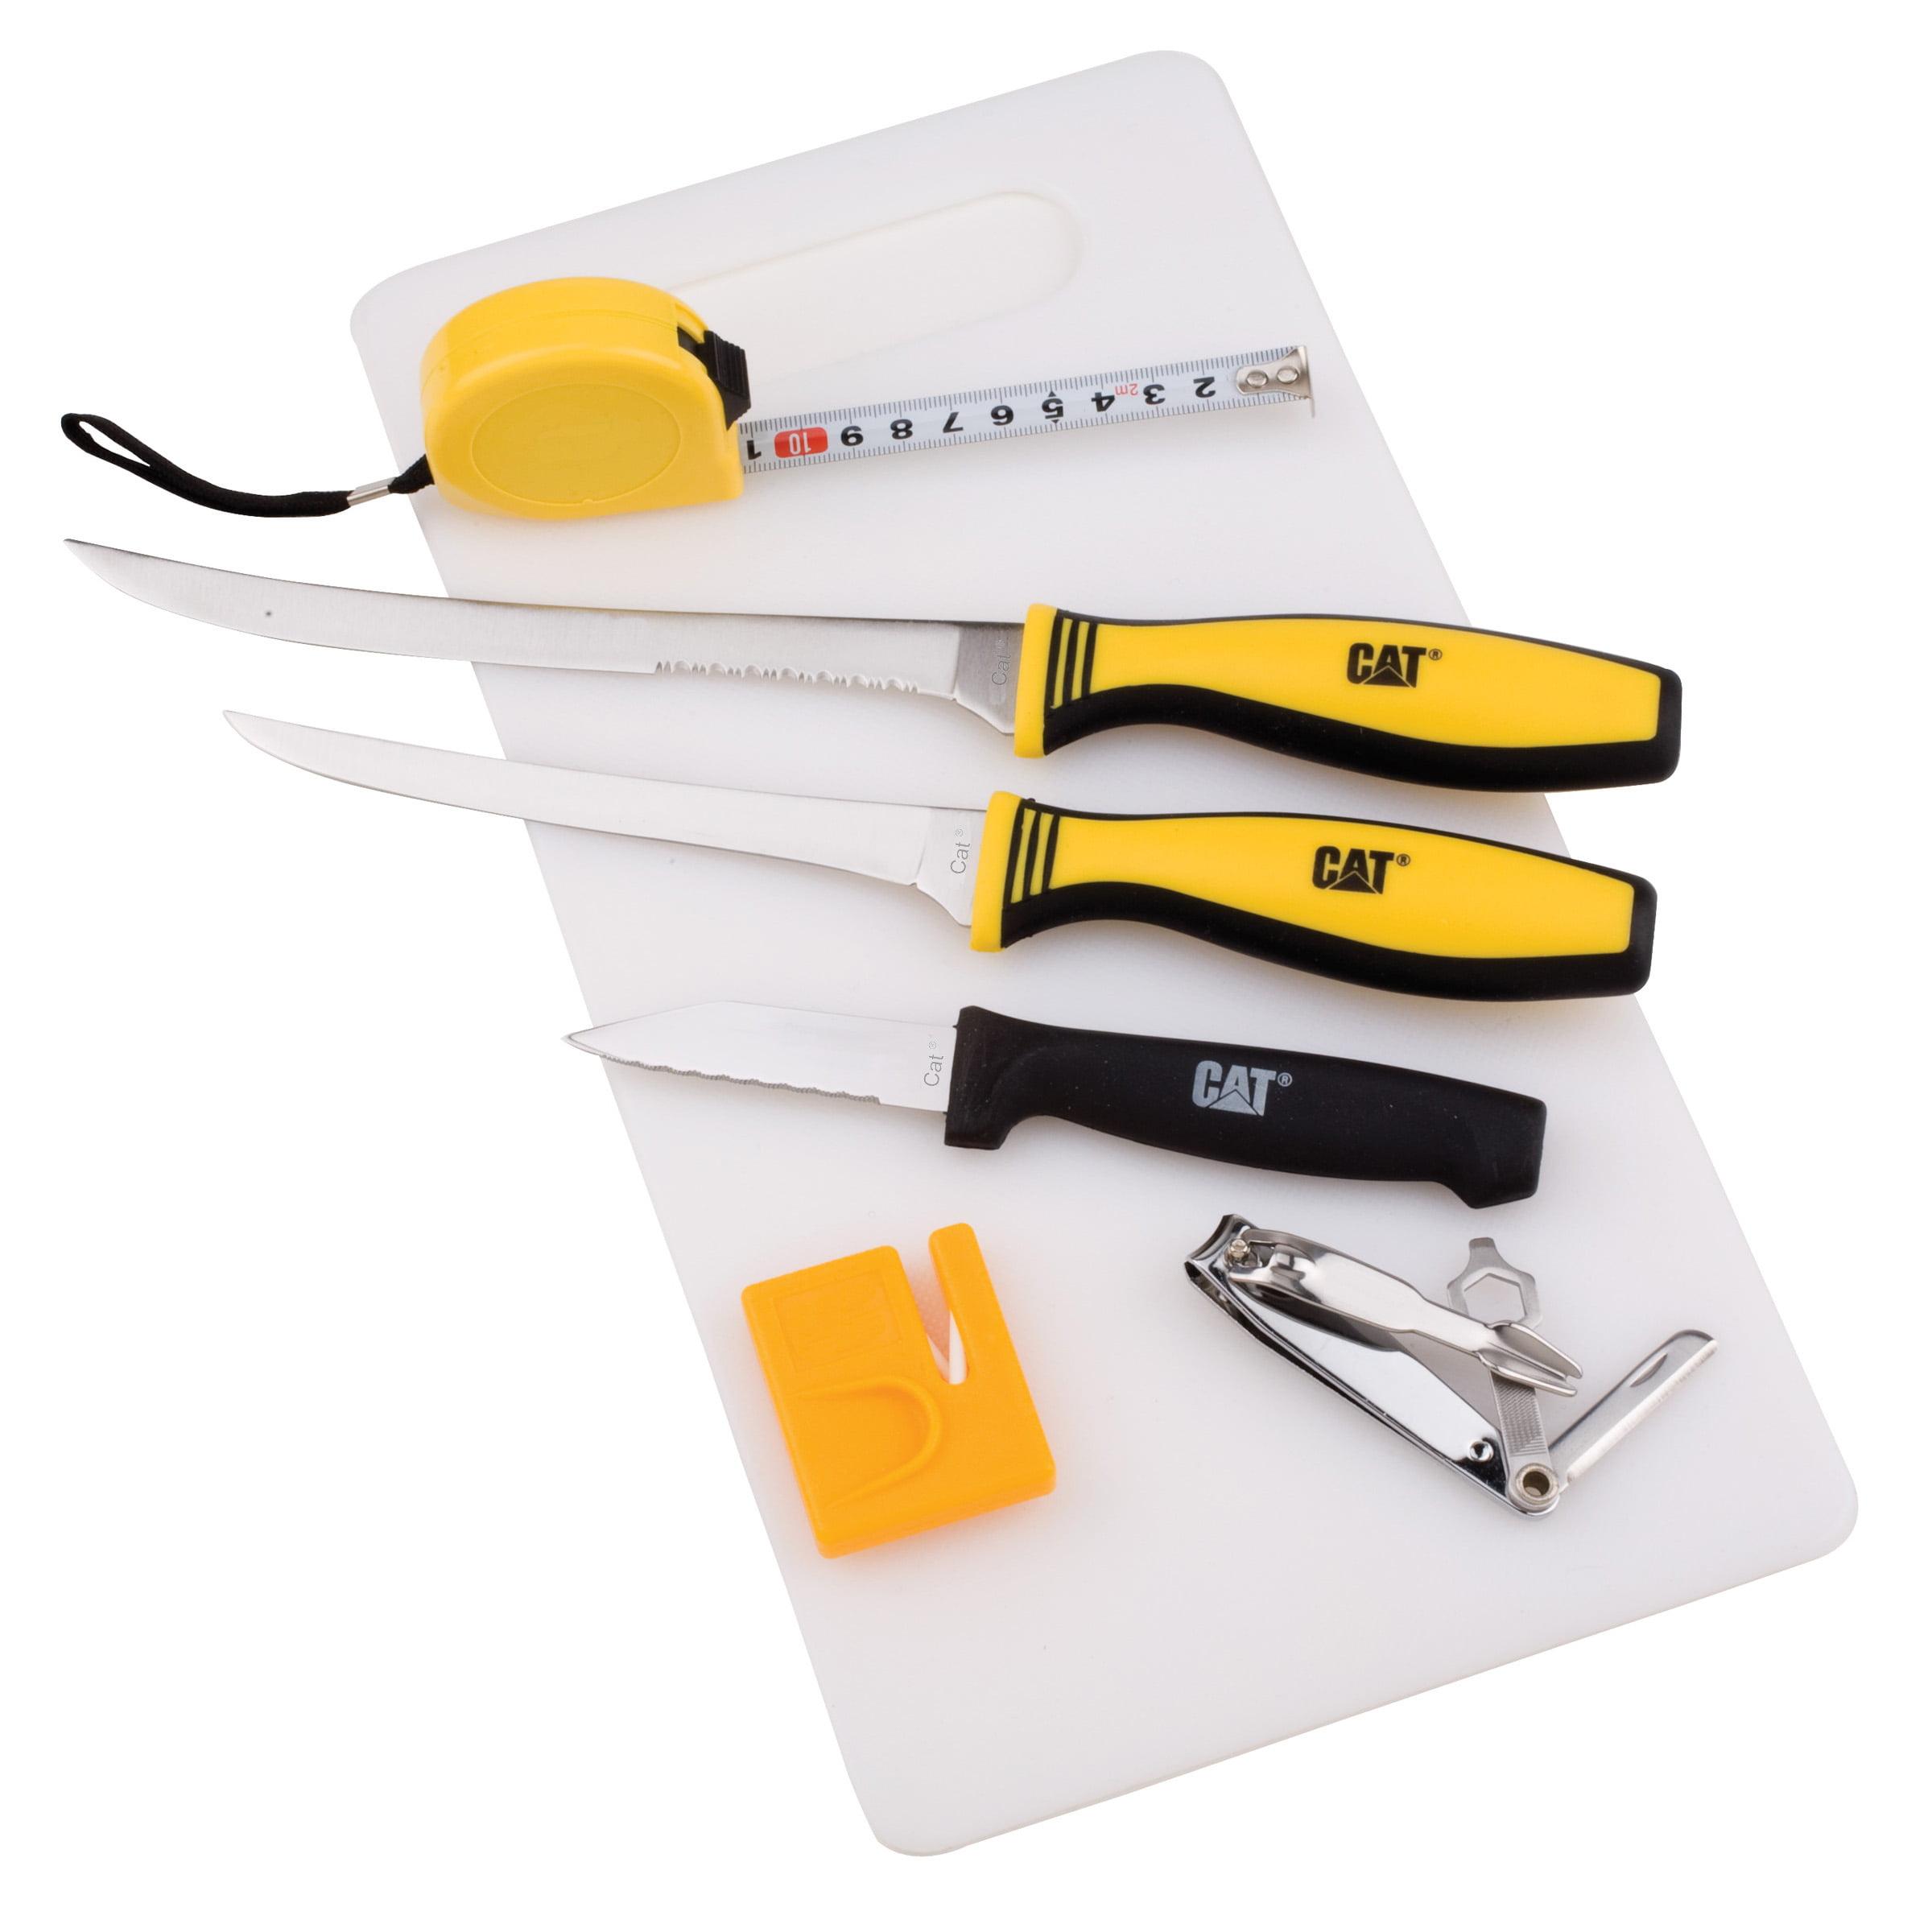 Kutmaster Knives Tackle Box Kit